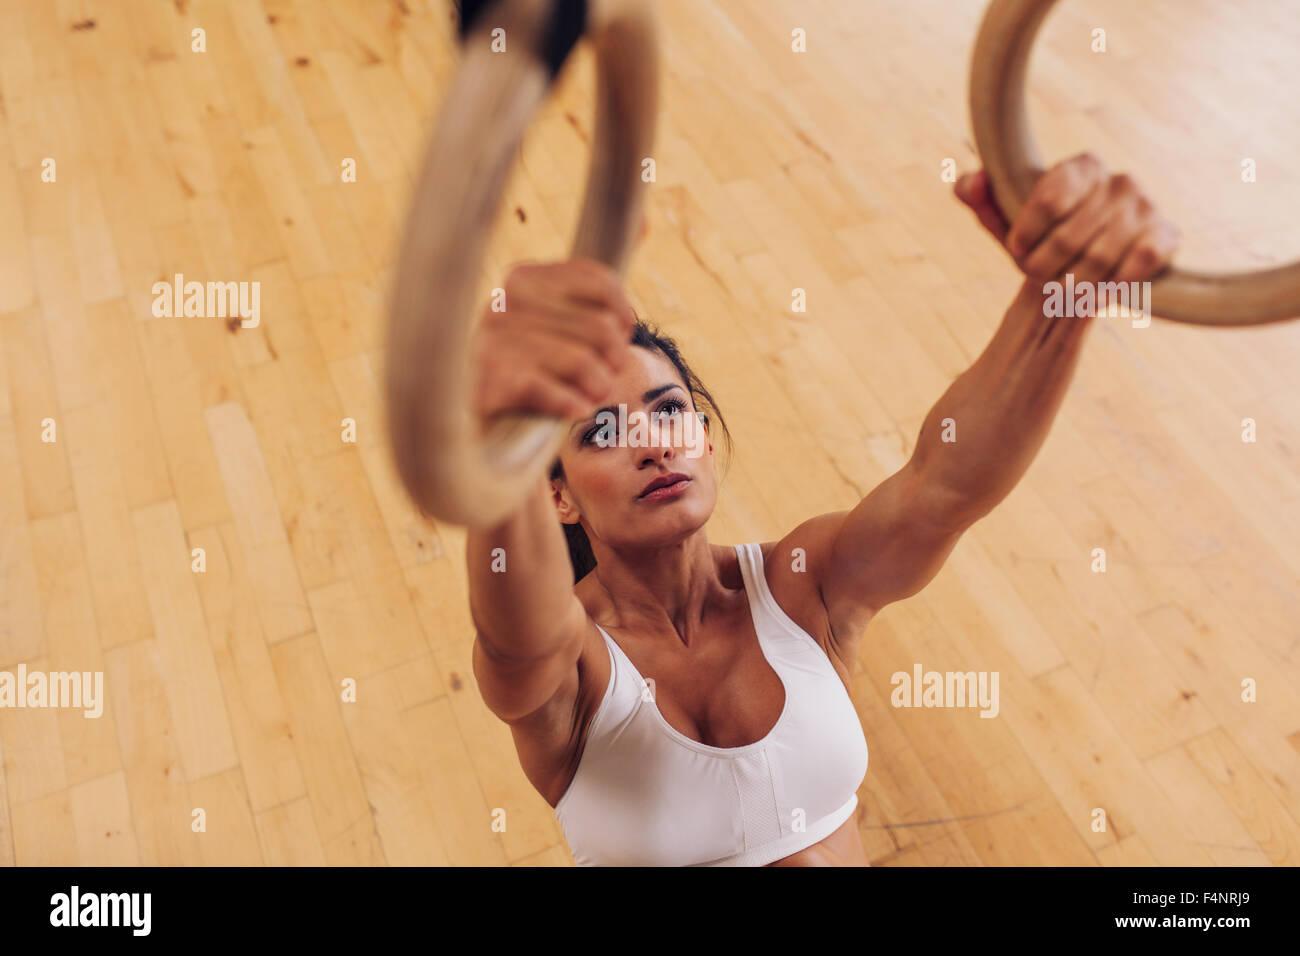 Determinata giovane donna alla palestra. Muscoloso atleta femminile che lavora fuori utilizzando anelli di ginnastica. Immagini Stock